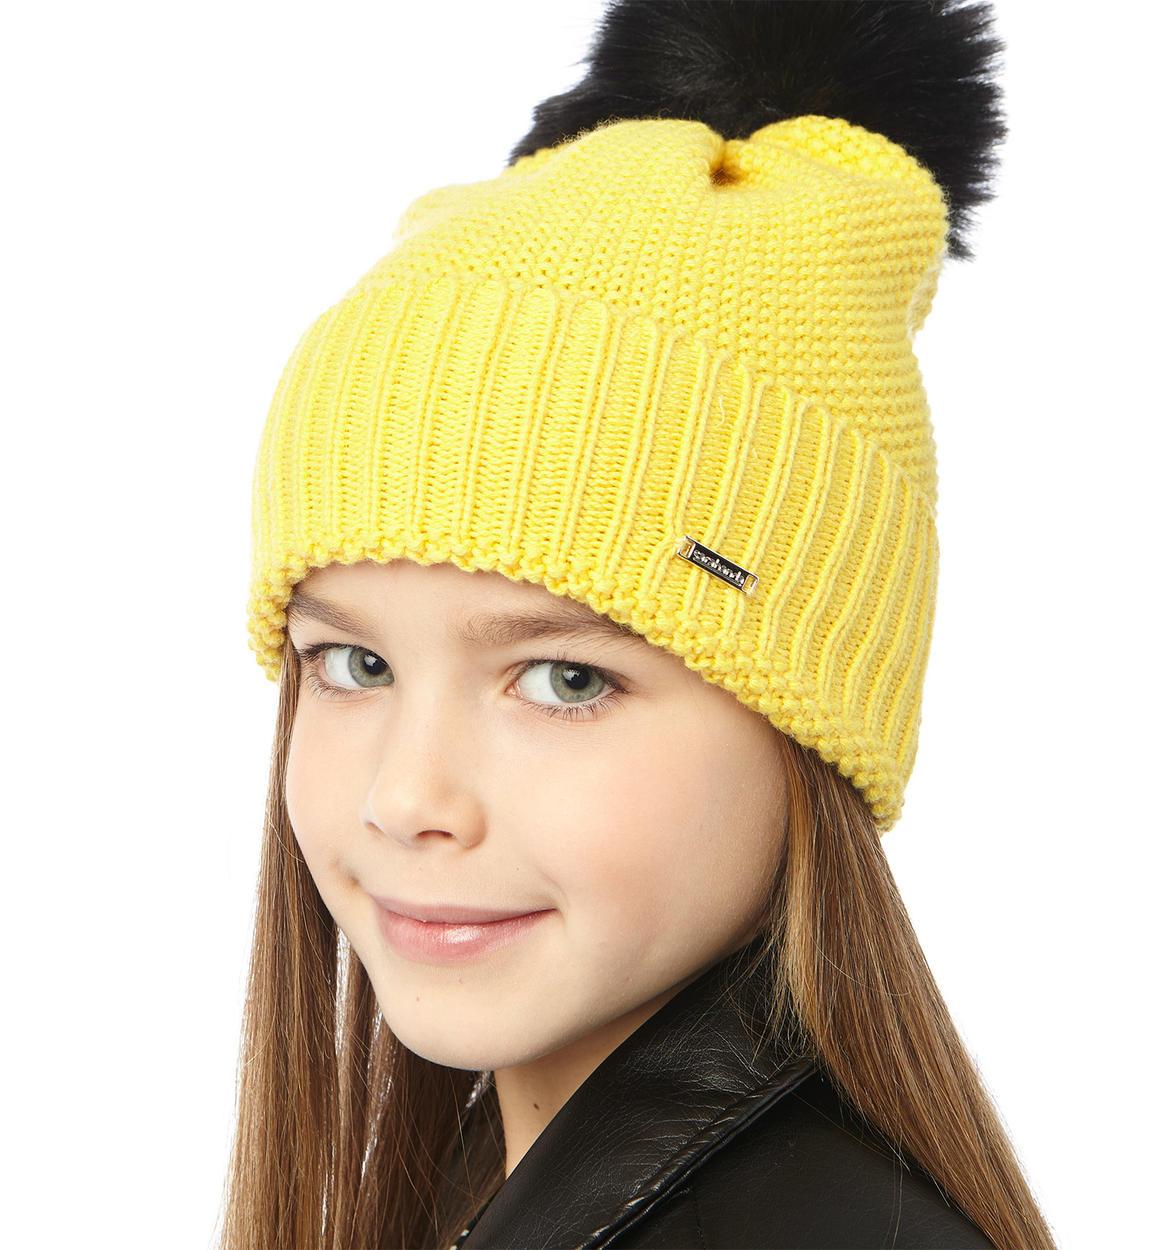 Cappello modello cuffia con pon pon per bambina da 6 a 16 anni Sarabanda.  GIALLO-1433 back. NERO-0658. GRIGIO MELANGE-8992. BLU INDIGO-3647. GIALLO- 1433 051c1966f5a3